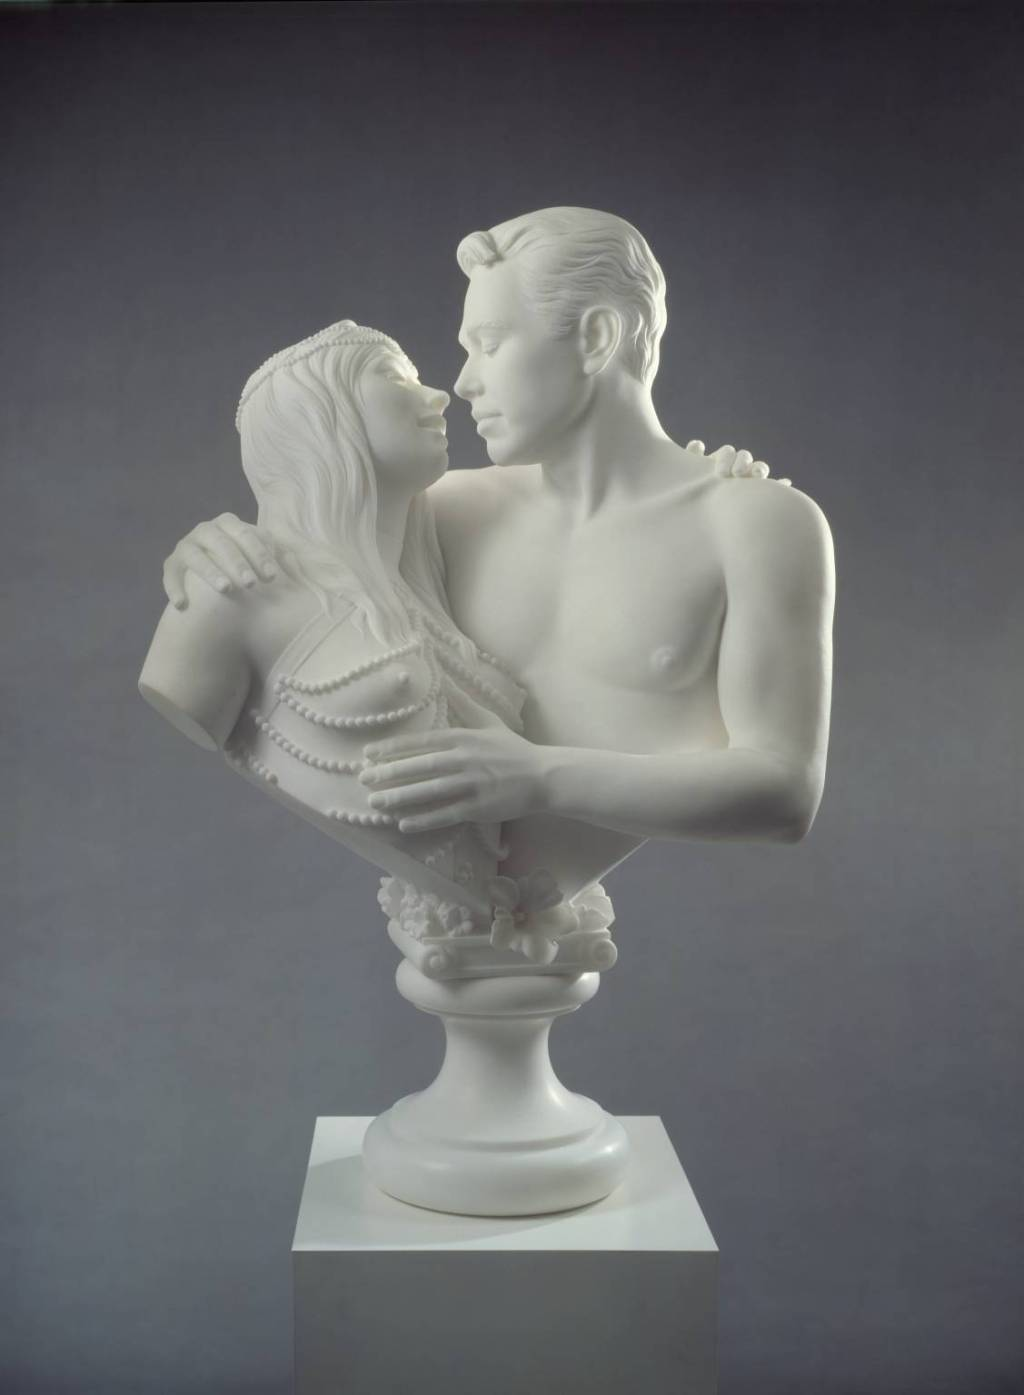 Bourgeois Bust – Jeff and IIona, Jeff Koons, White Marble, 1991